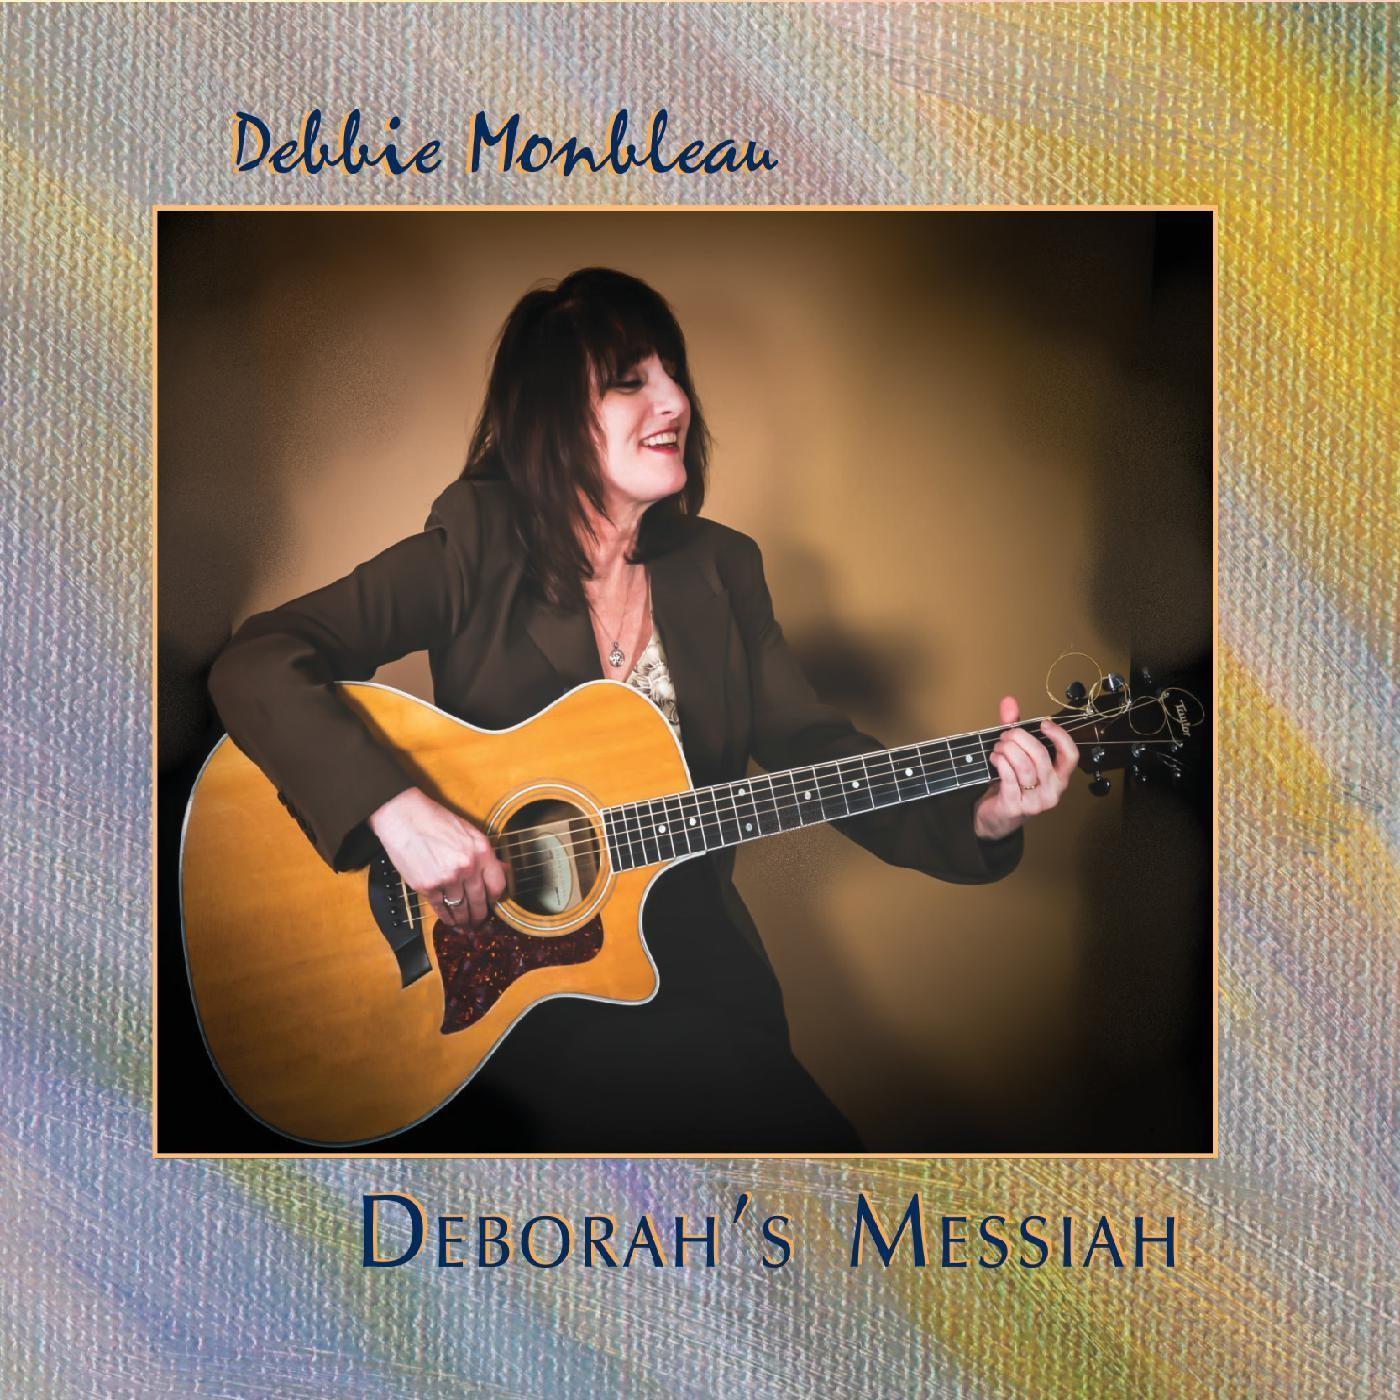 Deborah's Messiah